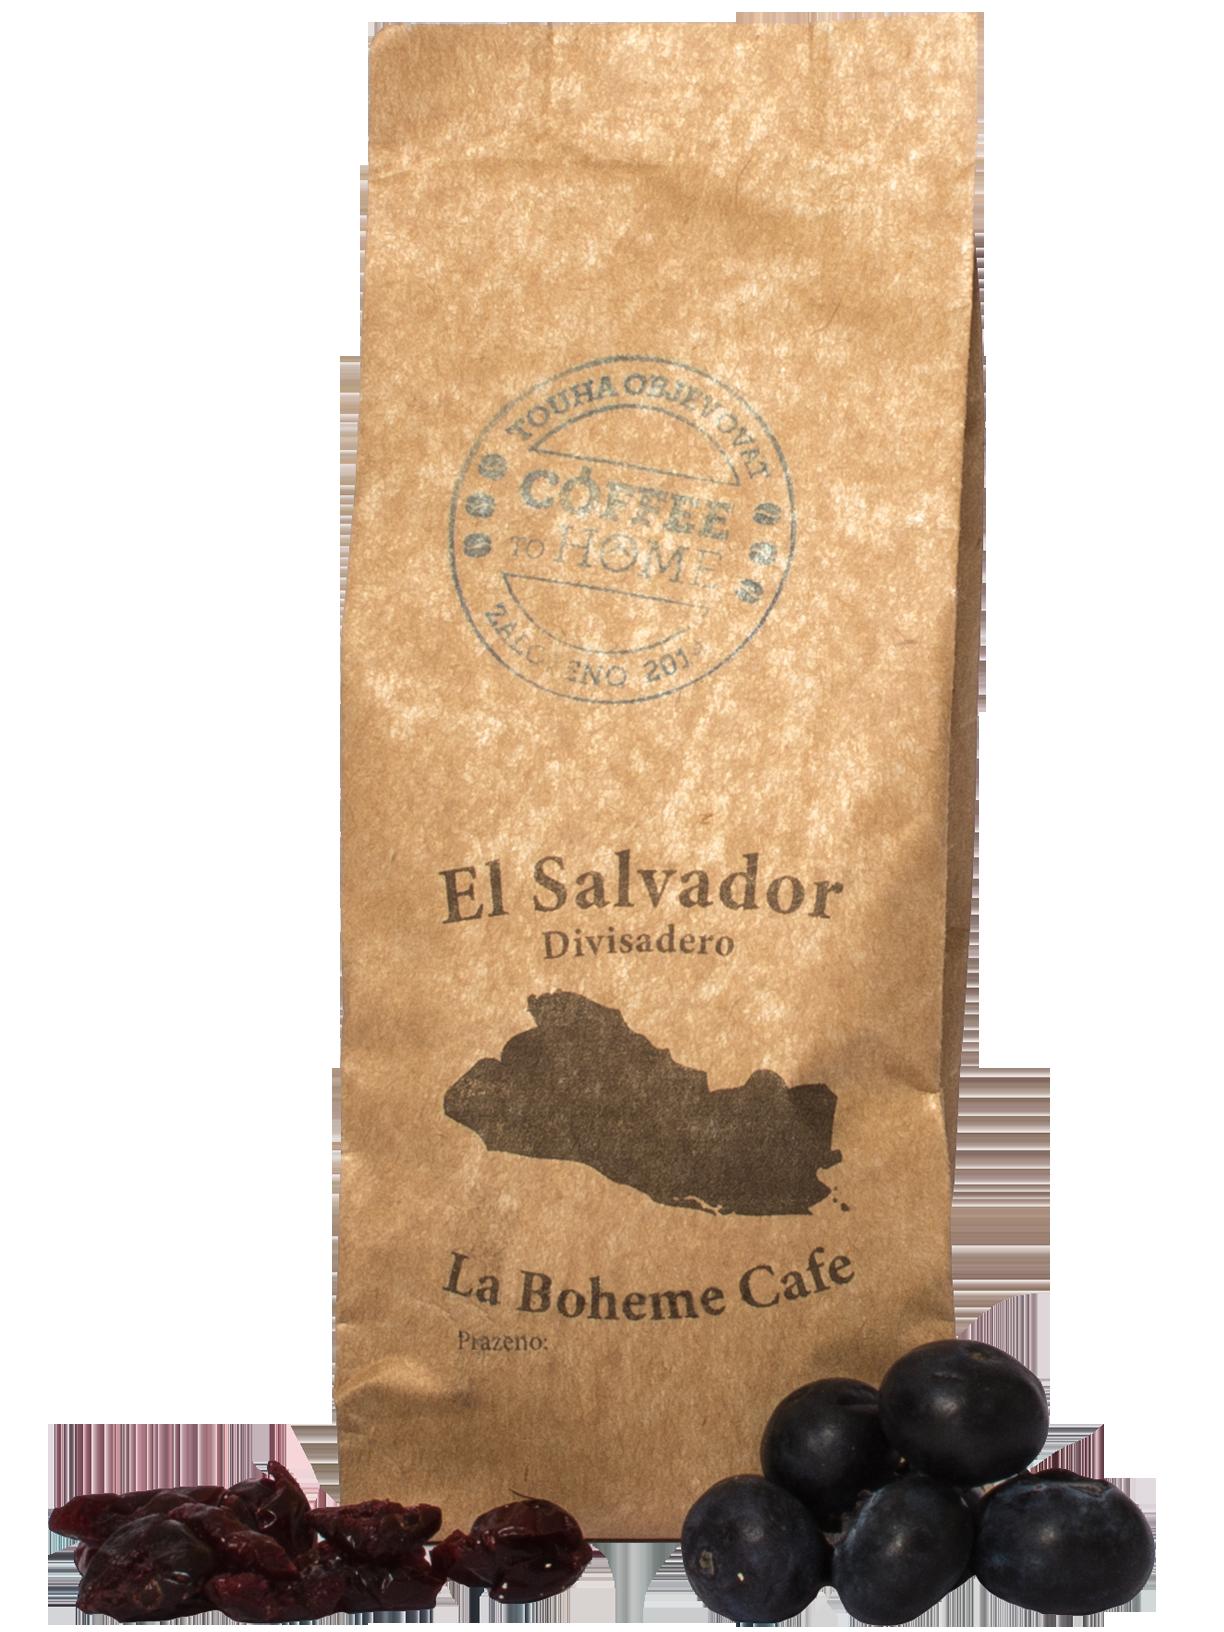 El Salvador Divisadero